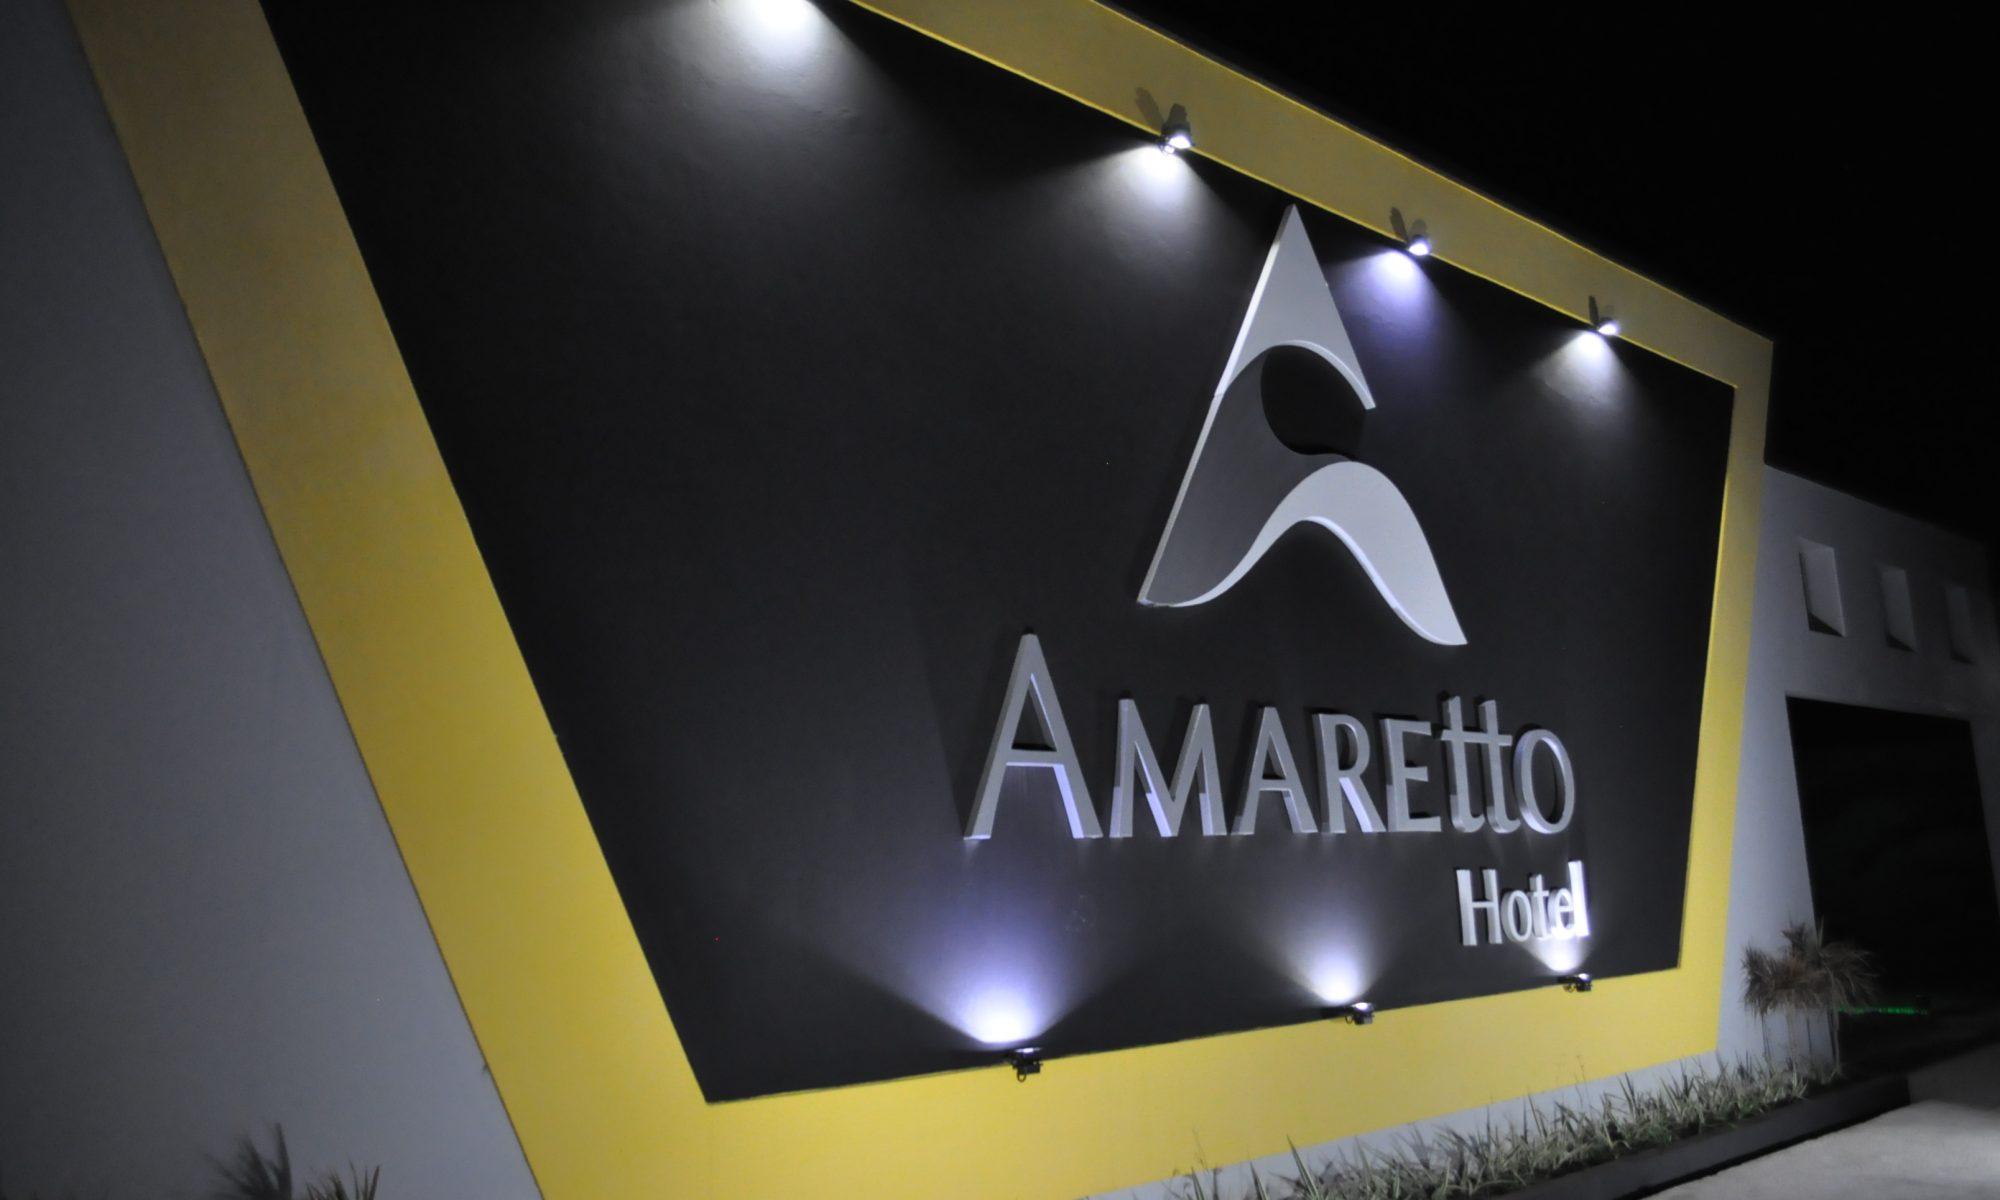 Amaretto Hotel